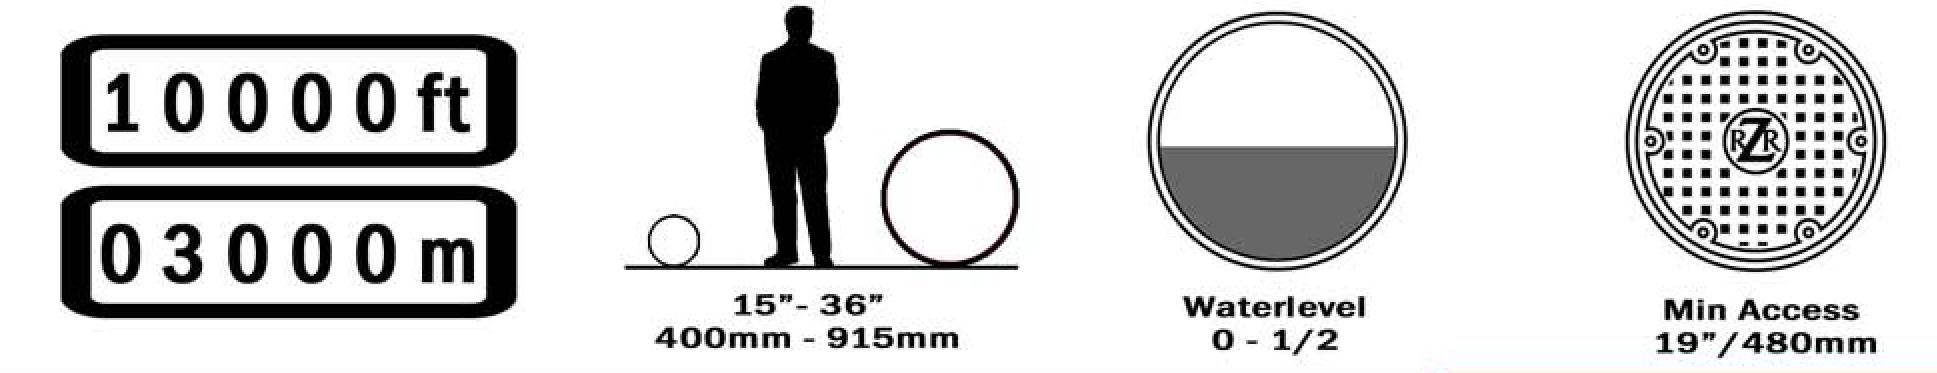 MSI MD Profiler Advantage